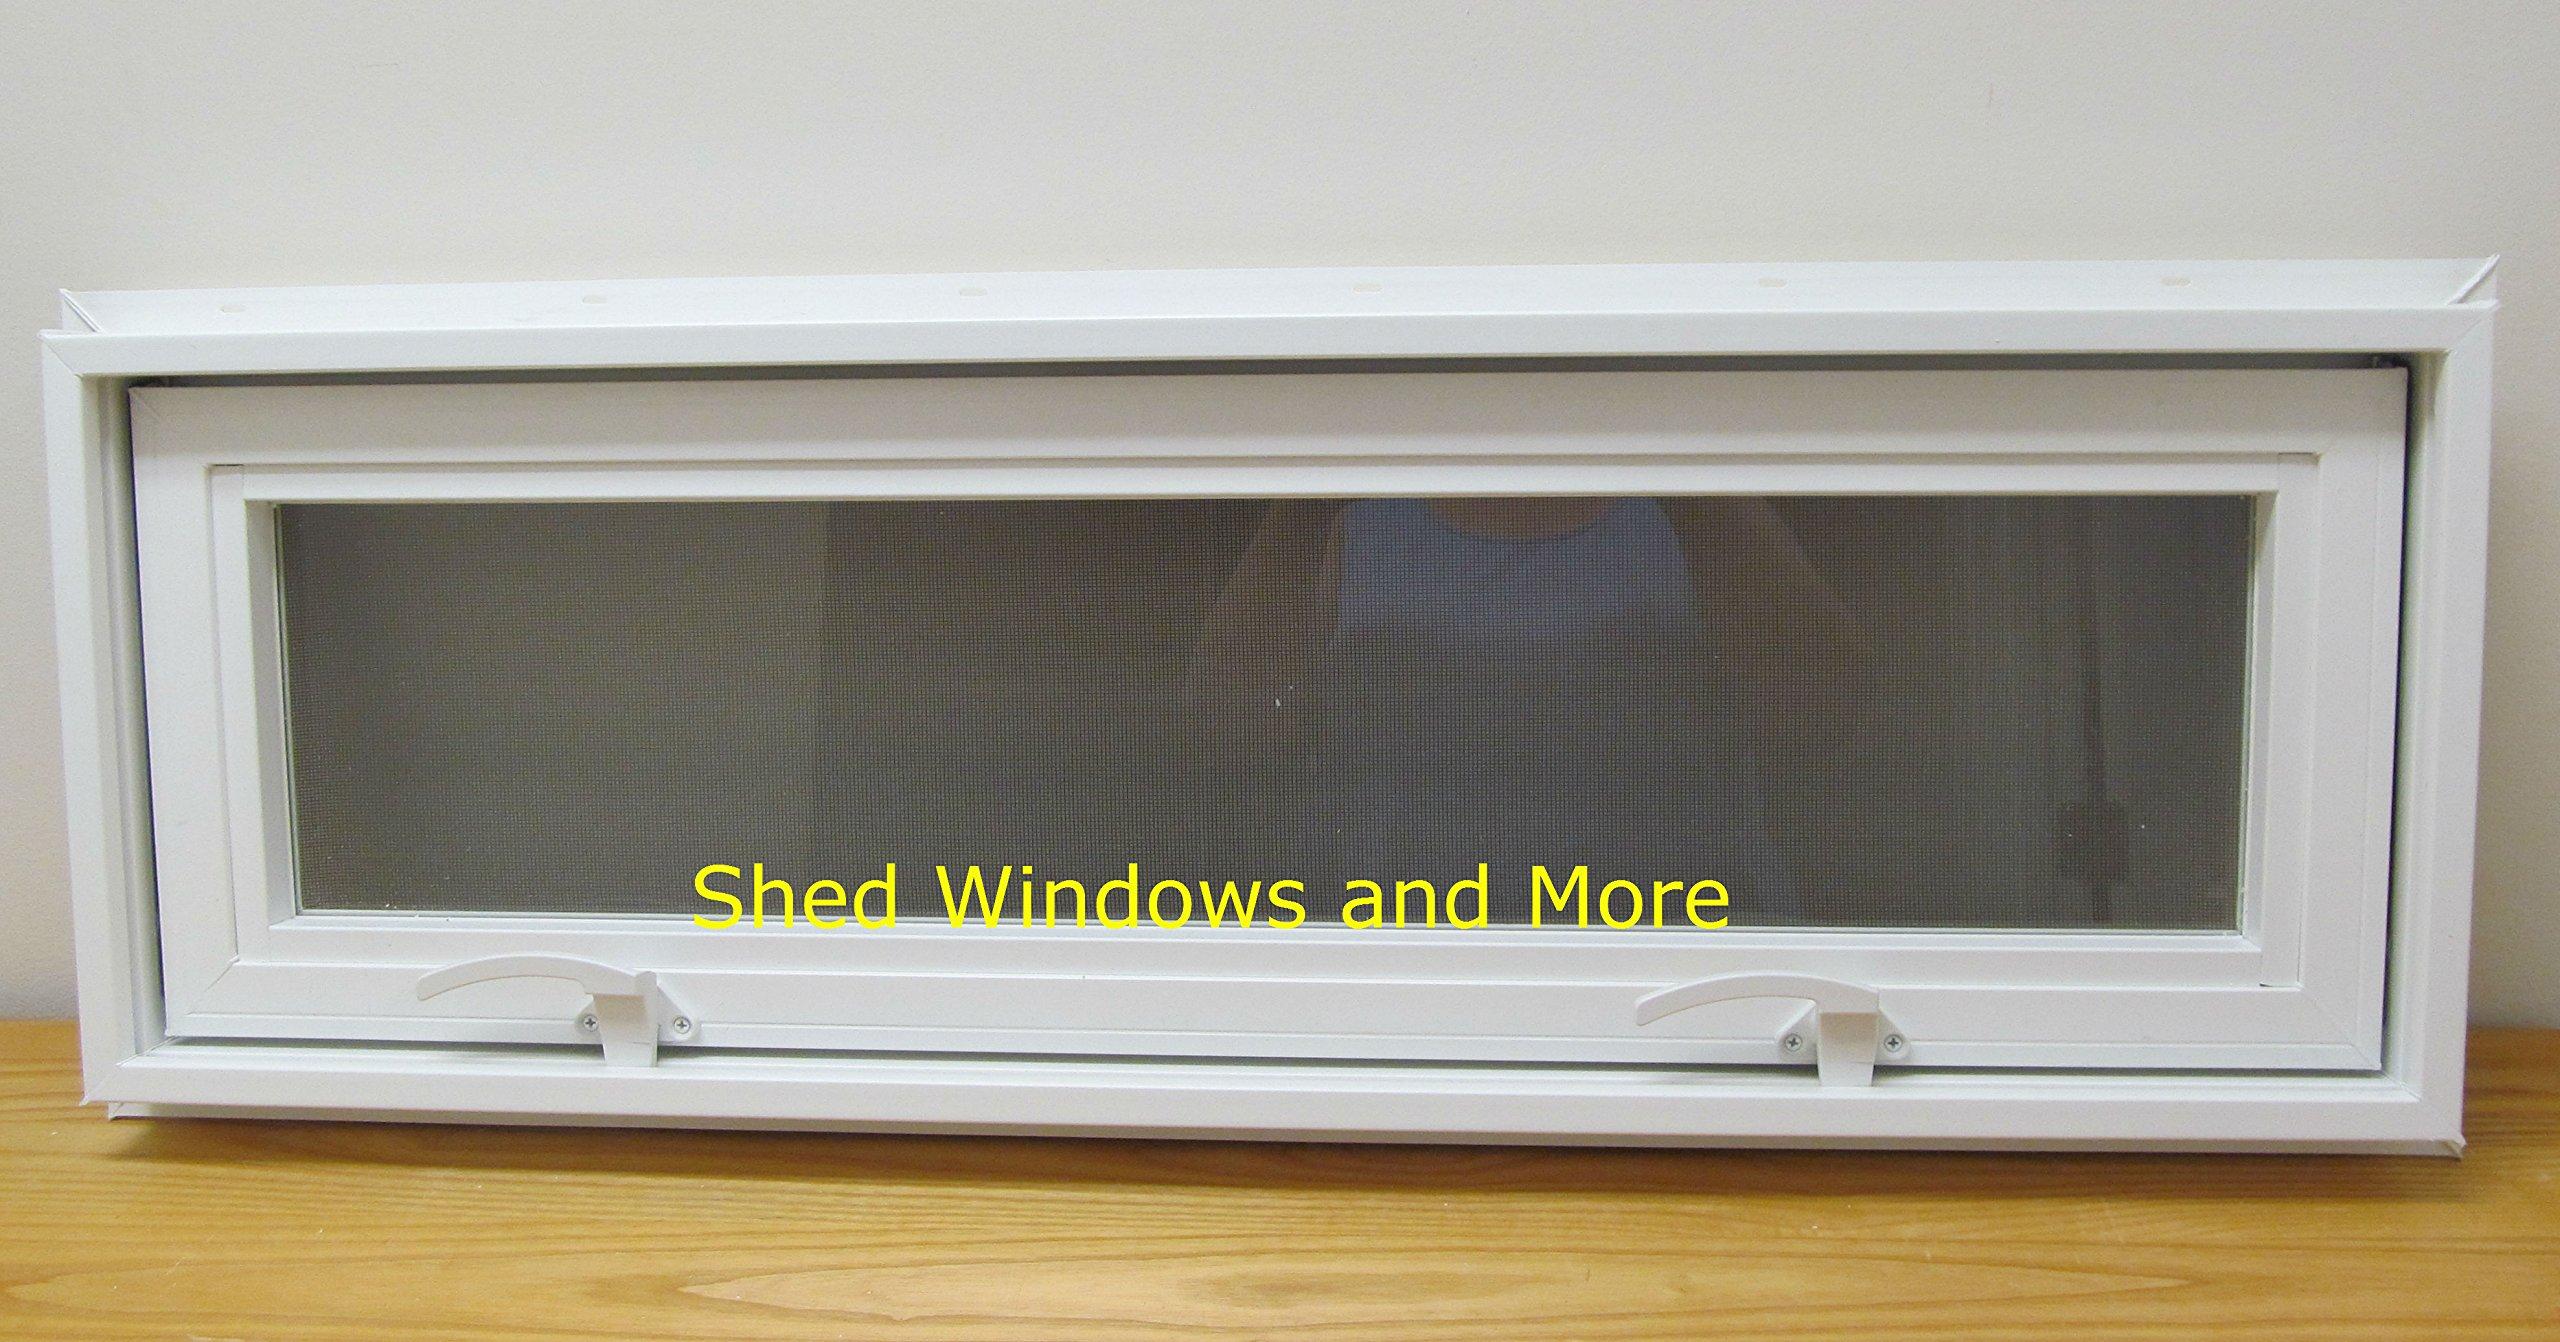 Transom/Awning Window 36'' x 12'' Insulating Window Tiny House Sheds House Windows PLayhouse Windows